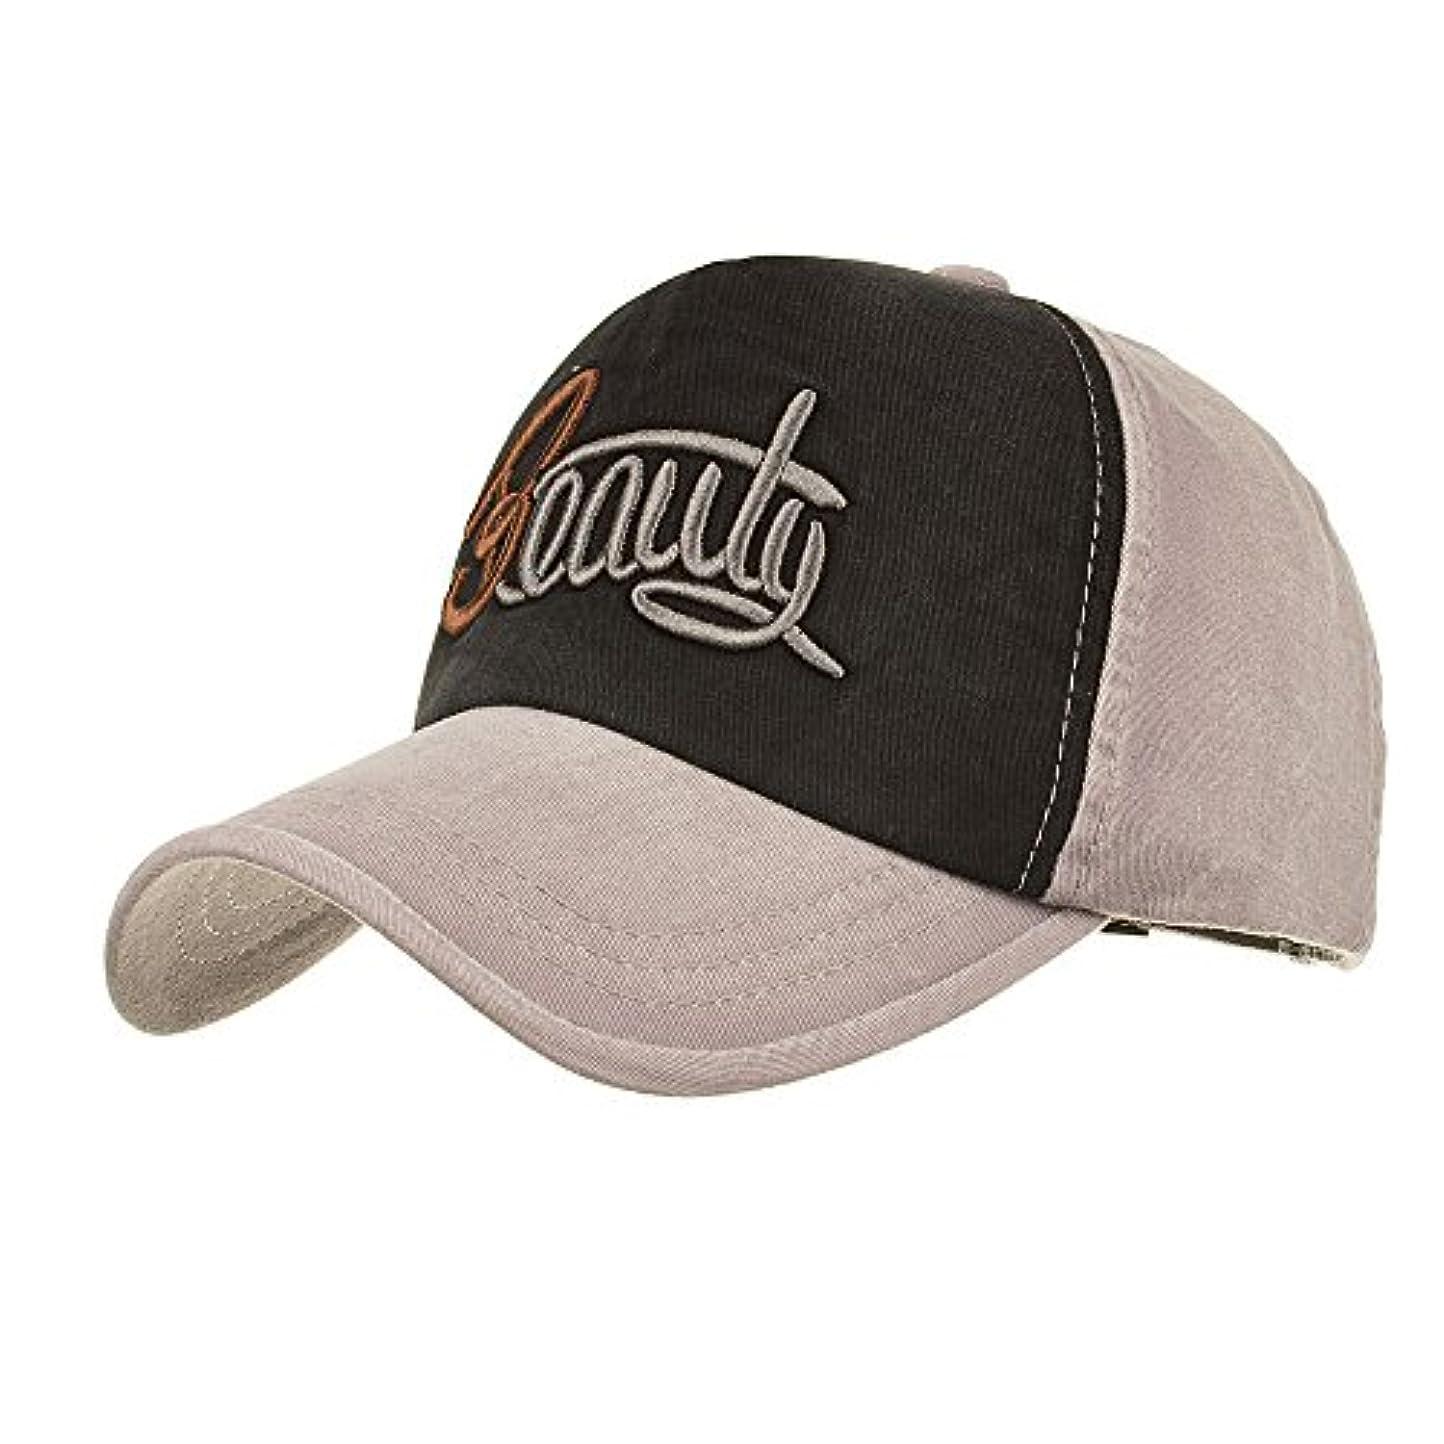 追跡君主時間とともにRacazing Cap パッチワーク刺繍 ヒップホップ 野球帽 通気性のある 帽子 夏 登山 可調整可能 棒球帽 UV 帽子 軽量 屋外 Unisex Hat (グレー)